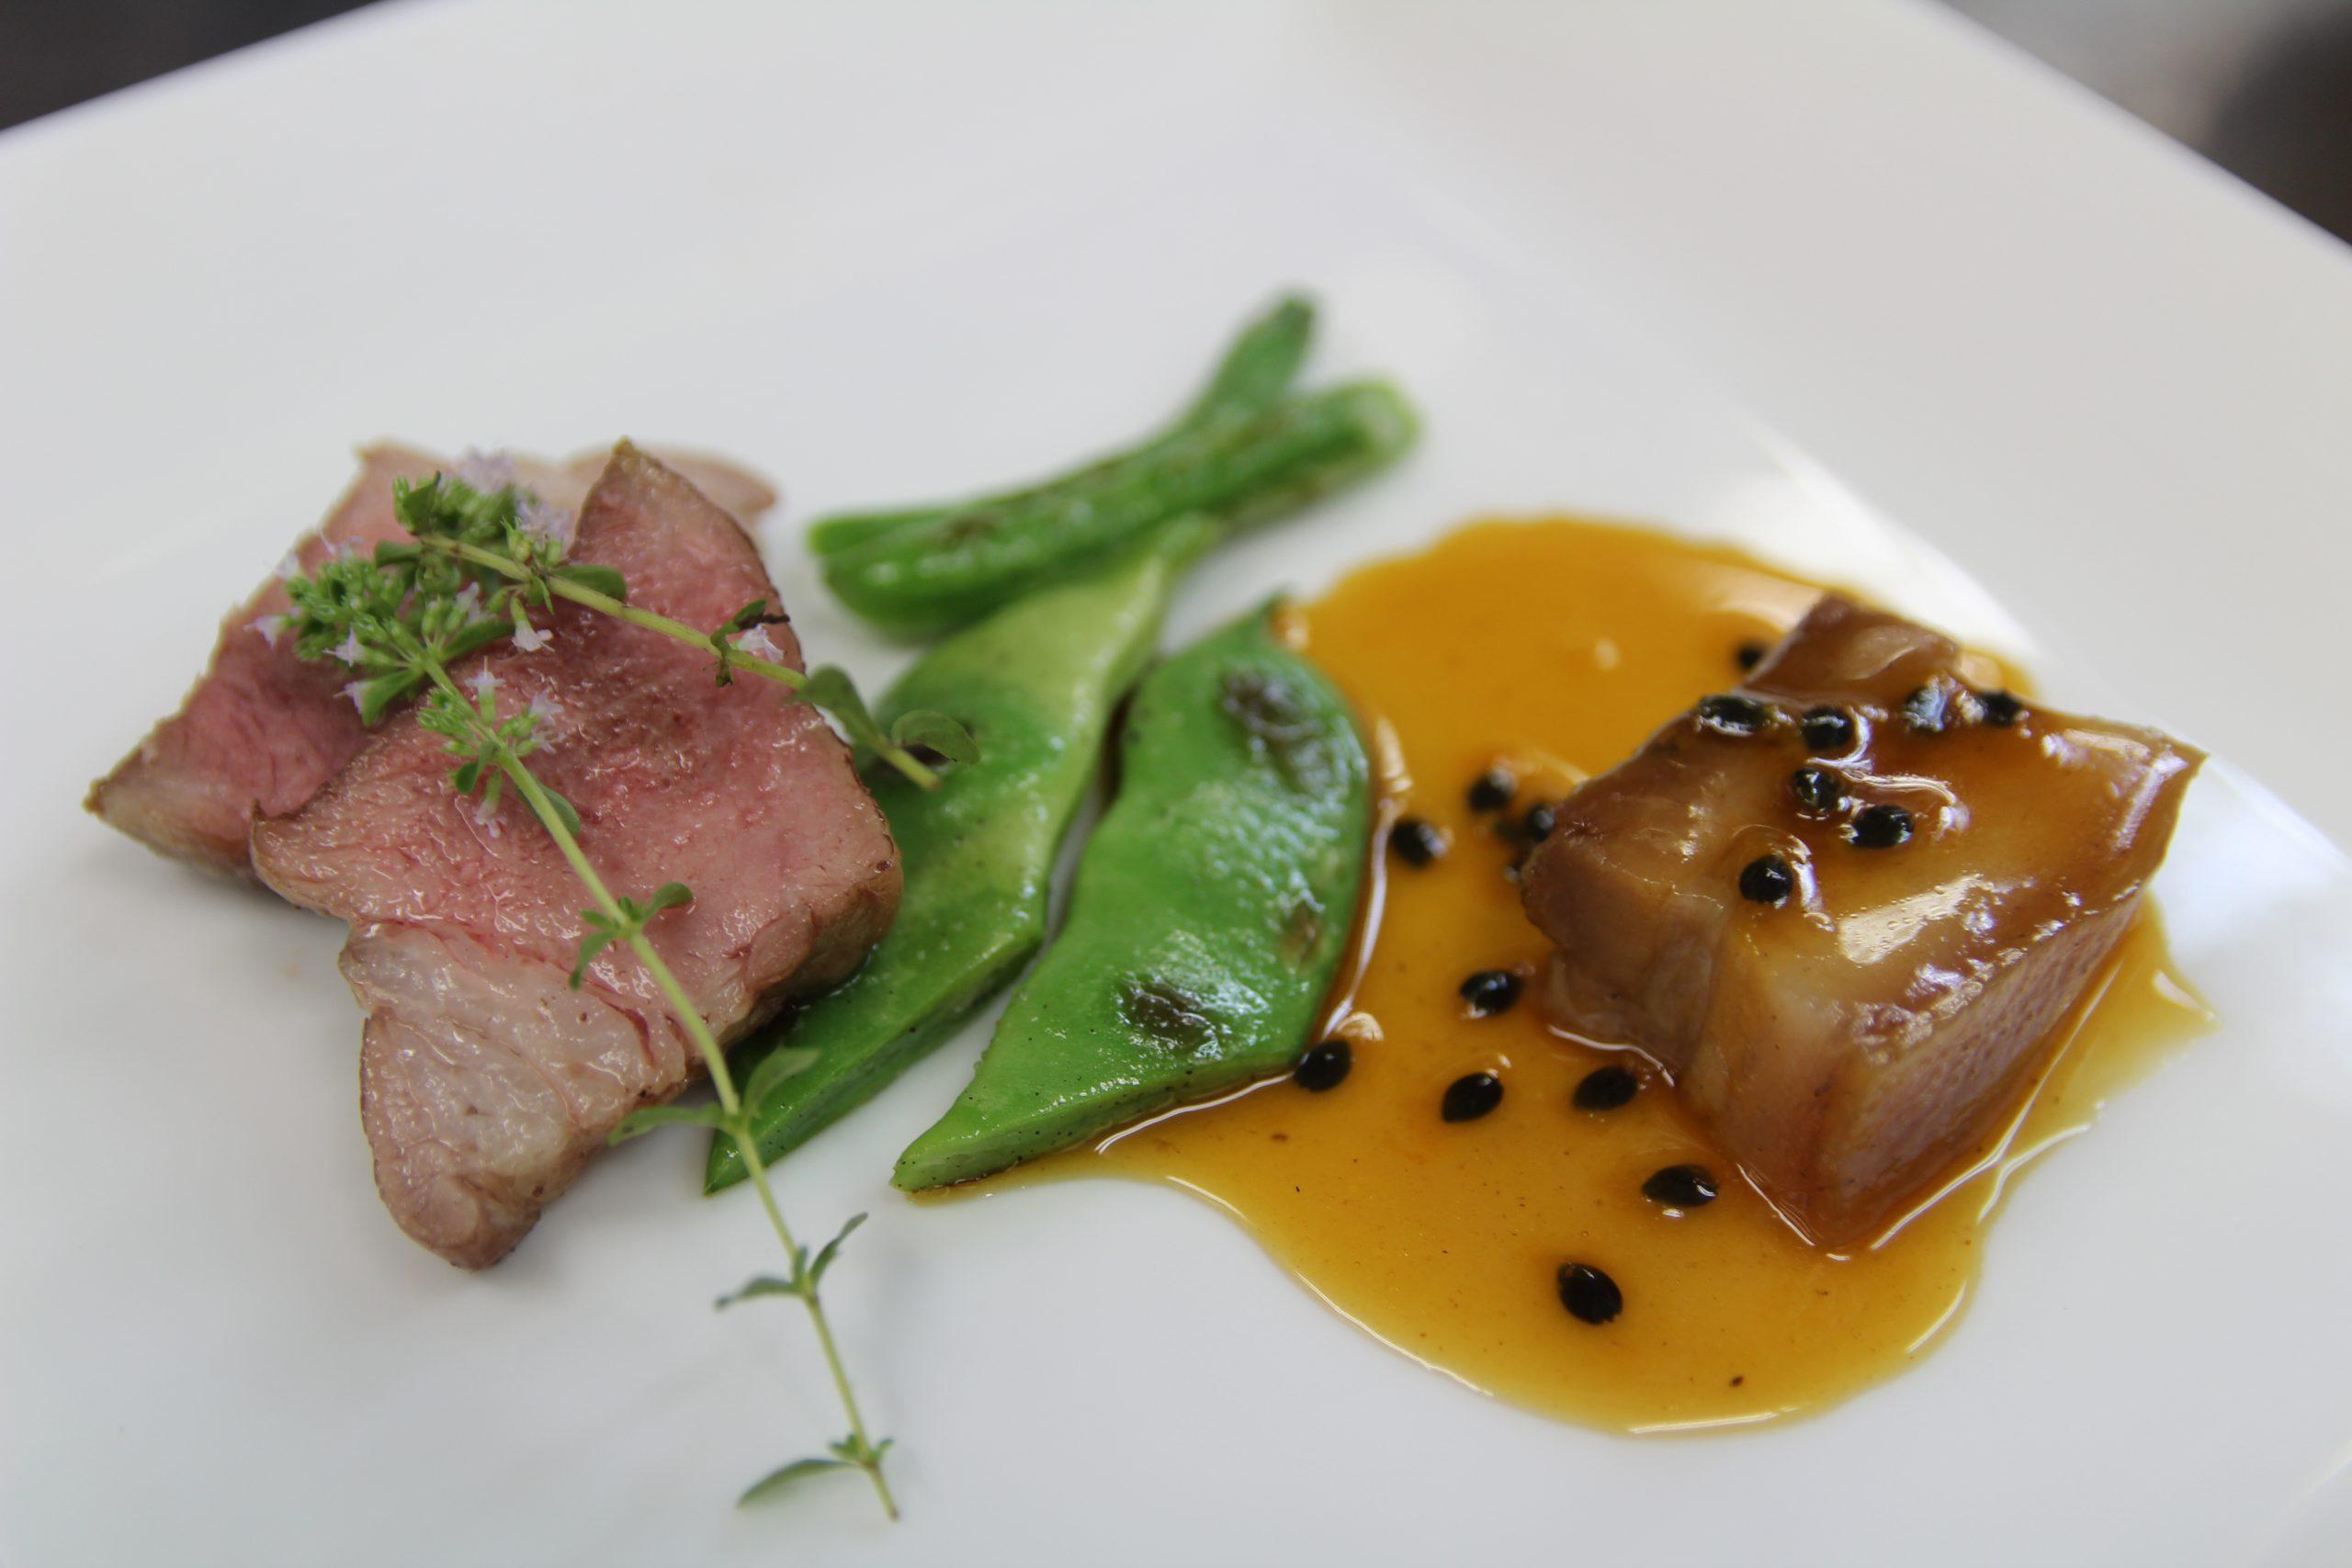 熊本県産皮付き黒豚バラ肉と千葉県産中ヨークシャー種をそれぞれの調理法で